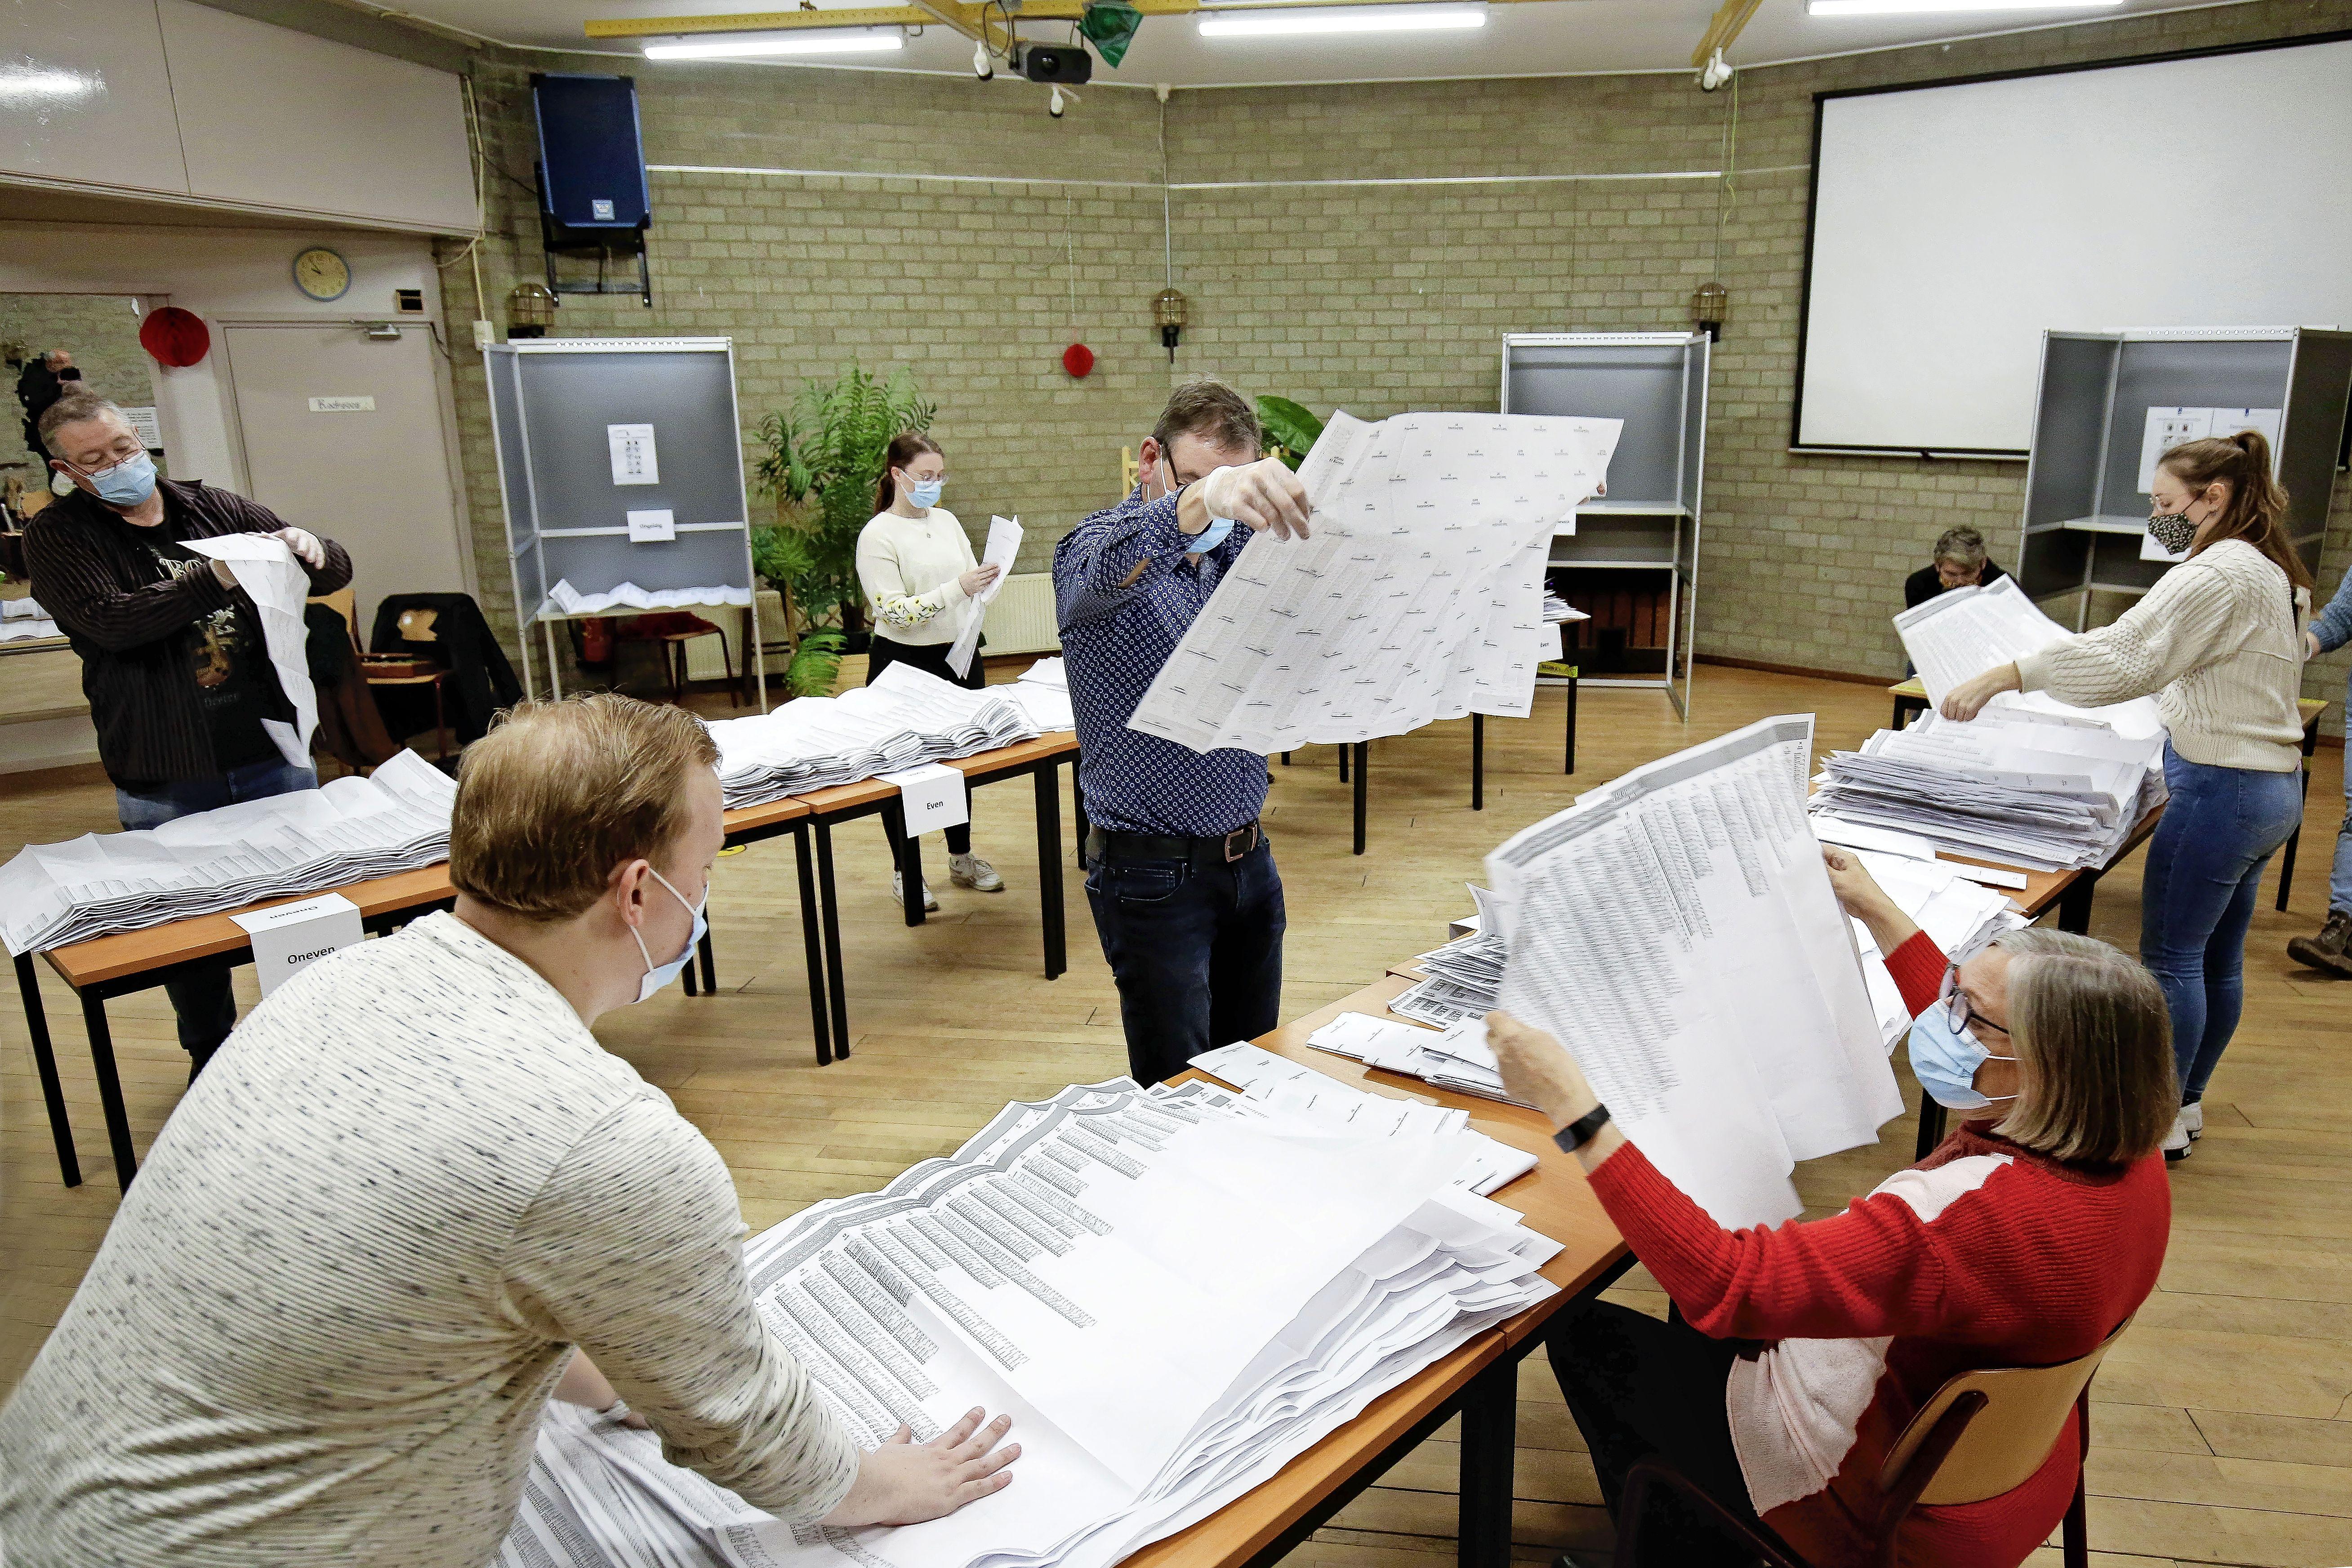 Voor het laatst stemmen (waarschijnlijk) in buurthuis De Spil in IJmuiden. De PVV wint, glansrijk